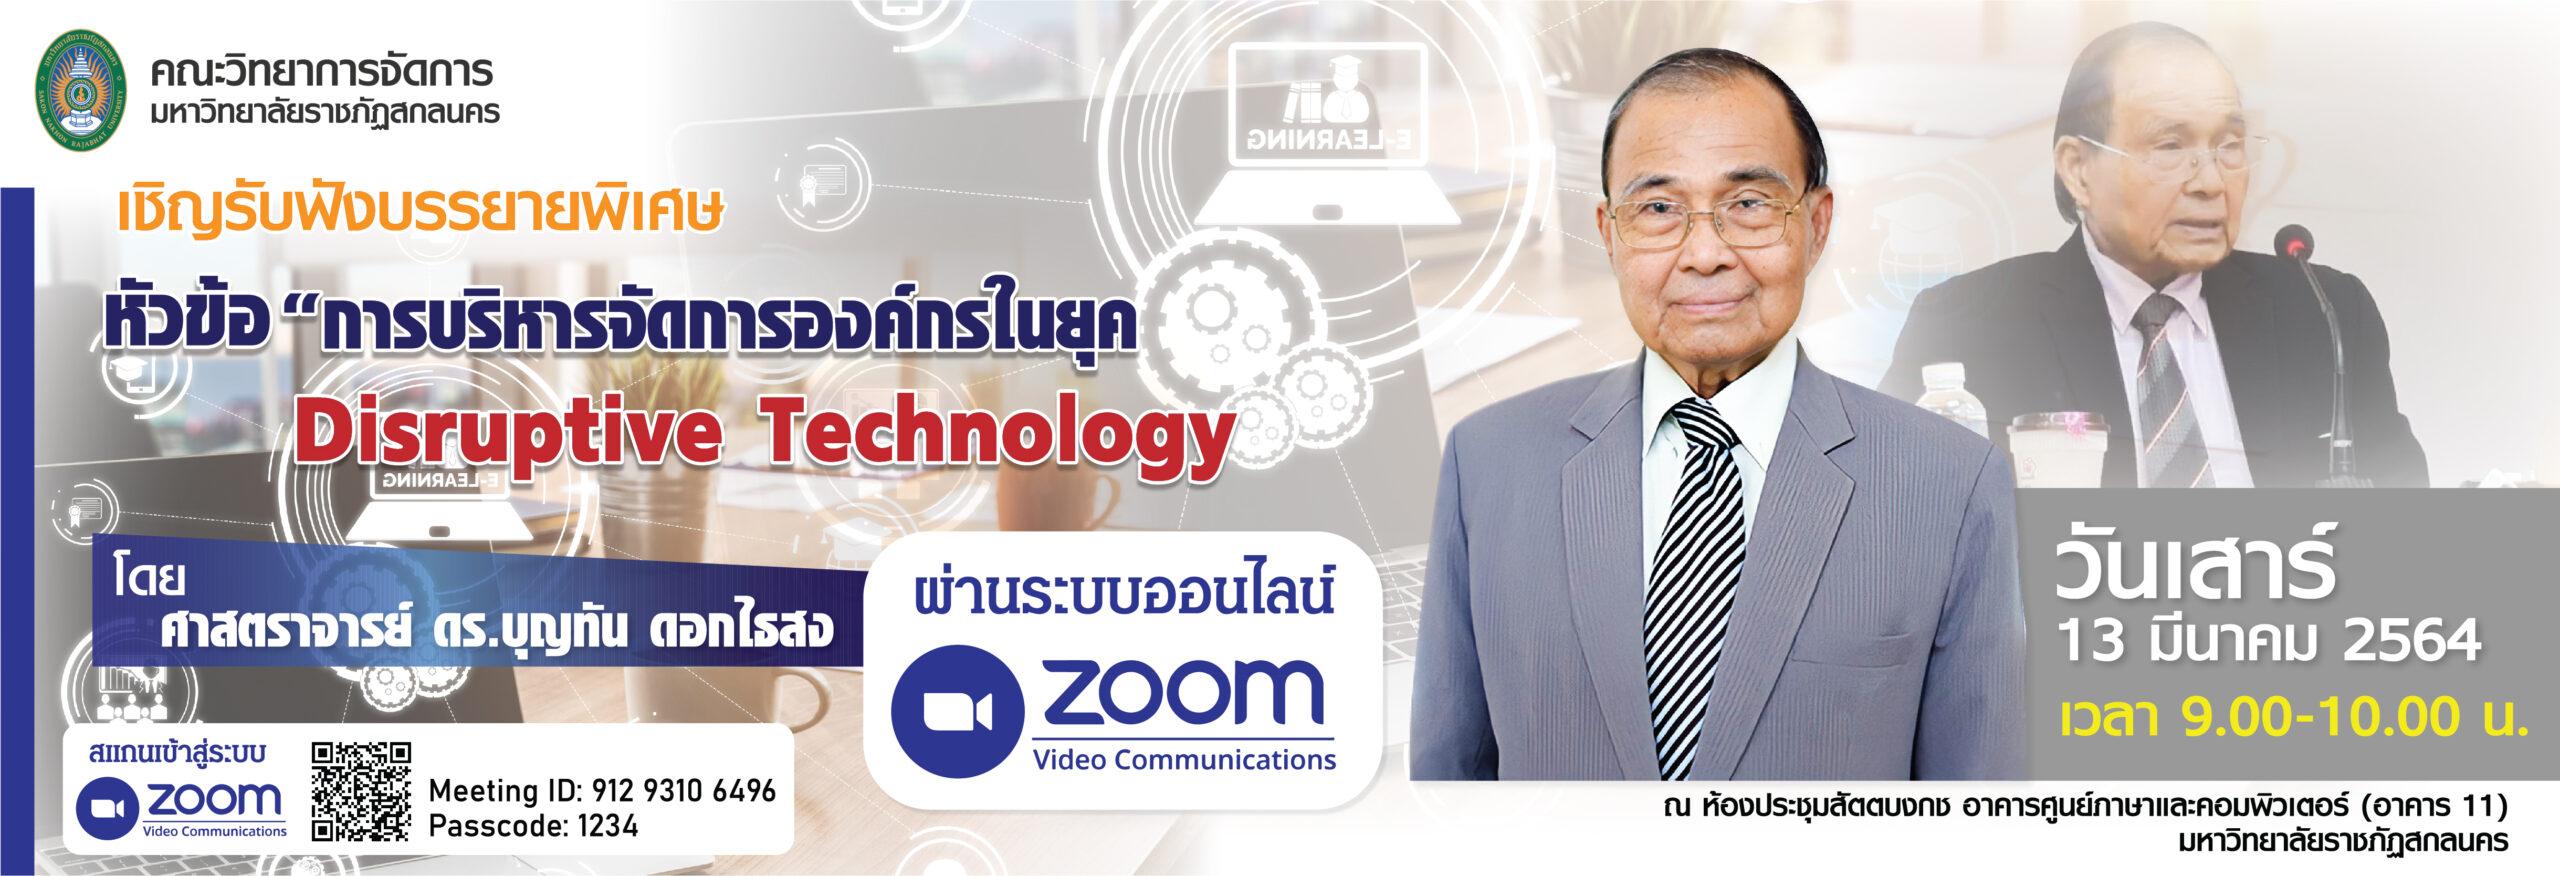 """ขอเชิญรับฟังบรรยายพิเศษ หัวข้อ """"การบริหารจัดการองค์กรในยุค Disruptive Technology ผ่านระบบออนไลน์ Zoom"""